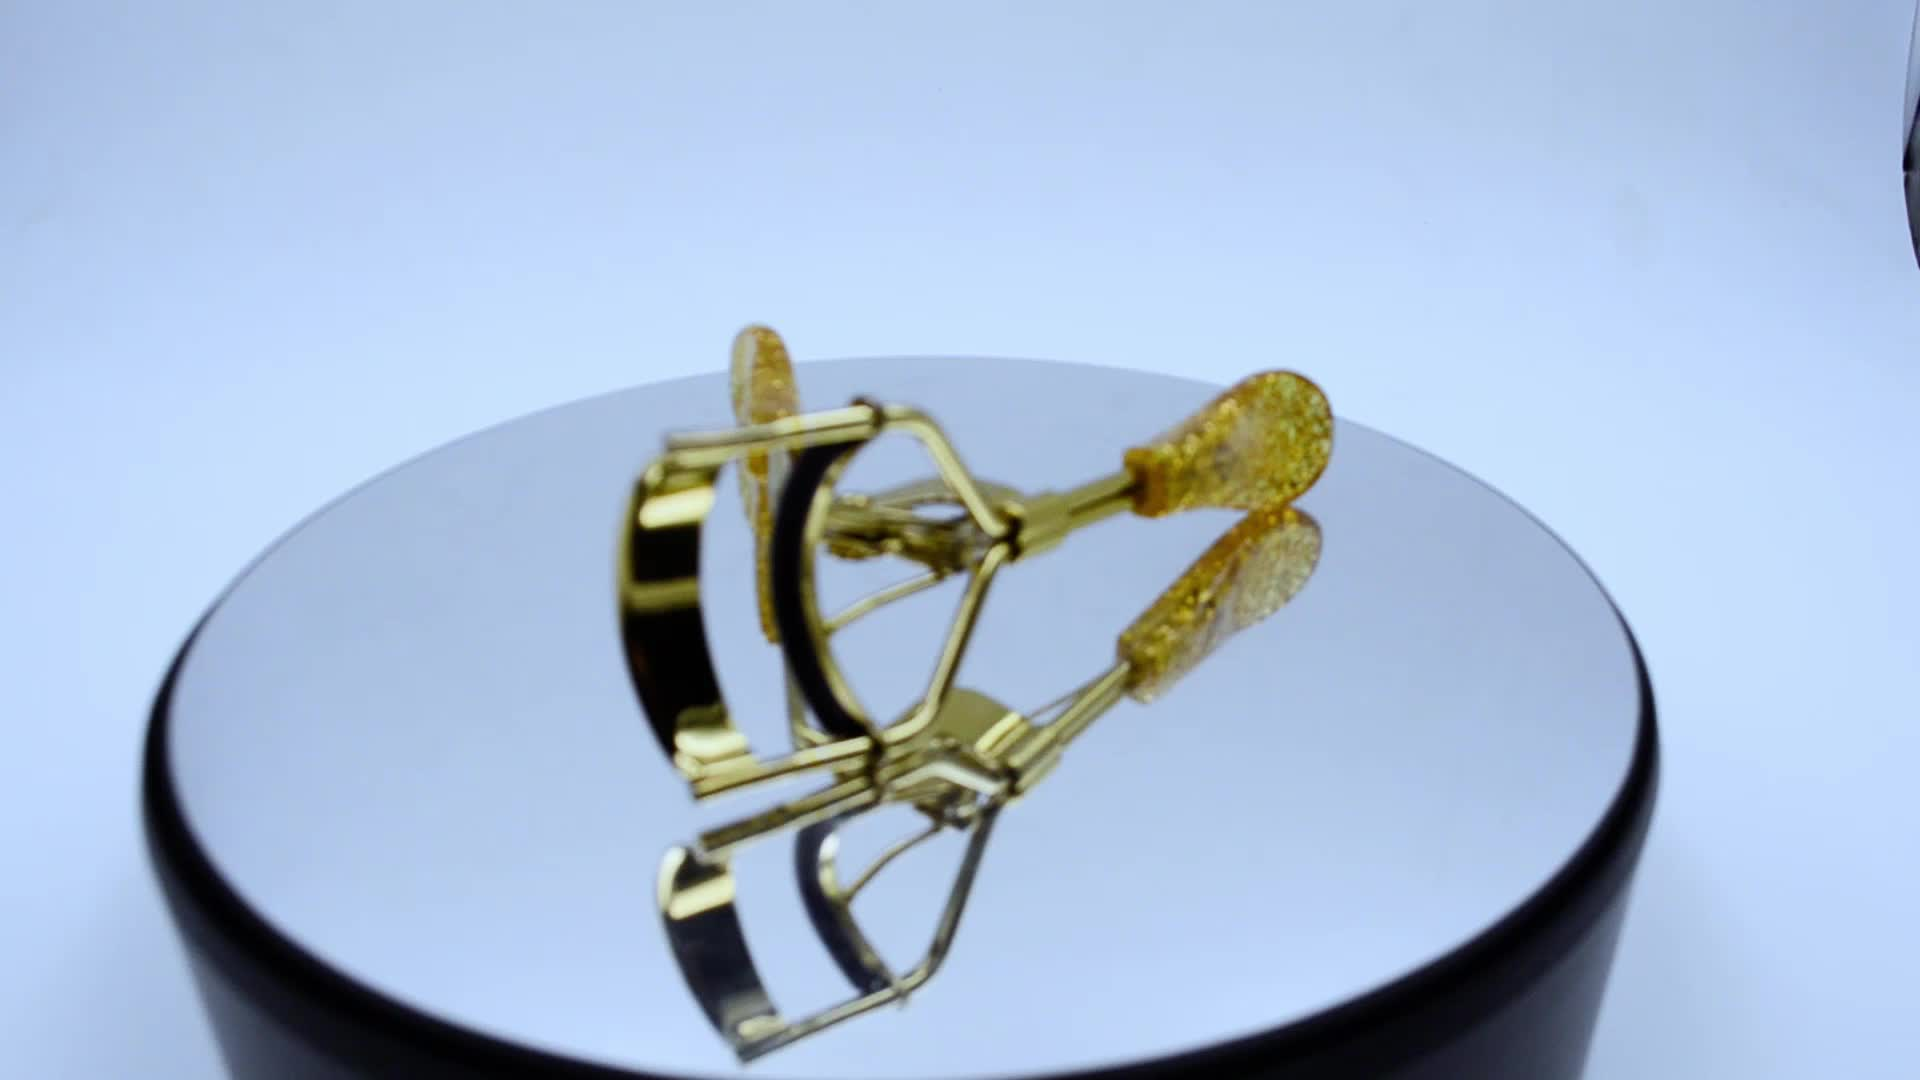 Luxus Professionelle Wimpern Werkzeuge Lash Curler Heißer Verkauf Beauty Makeup Falsche Wimpern Werkzeuge